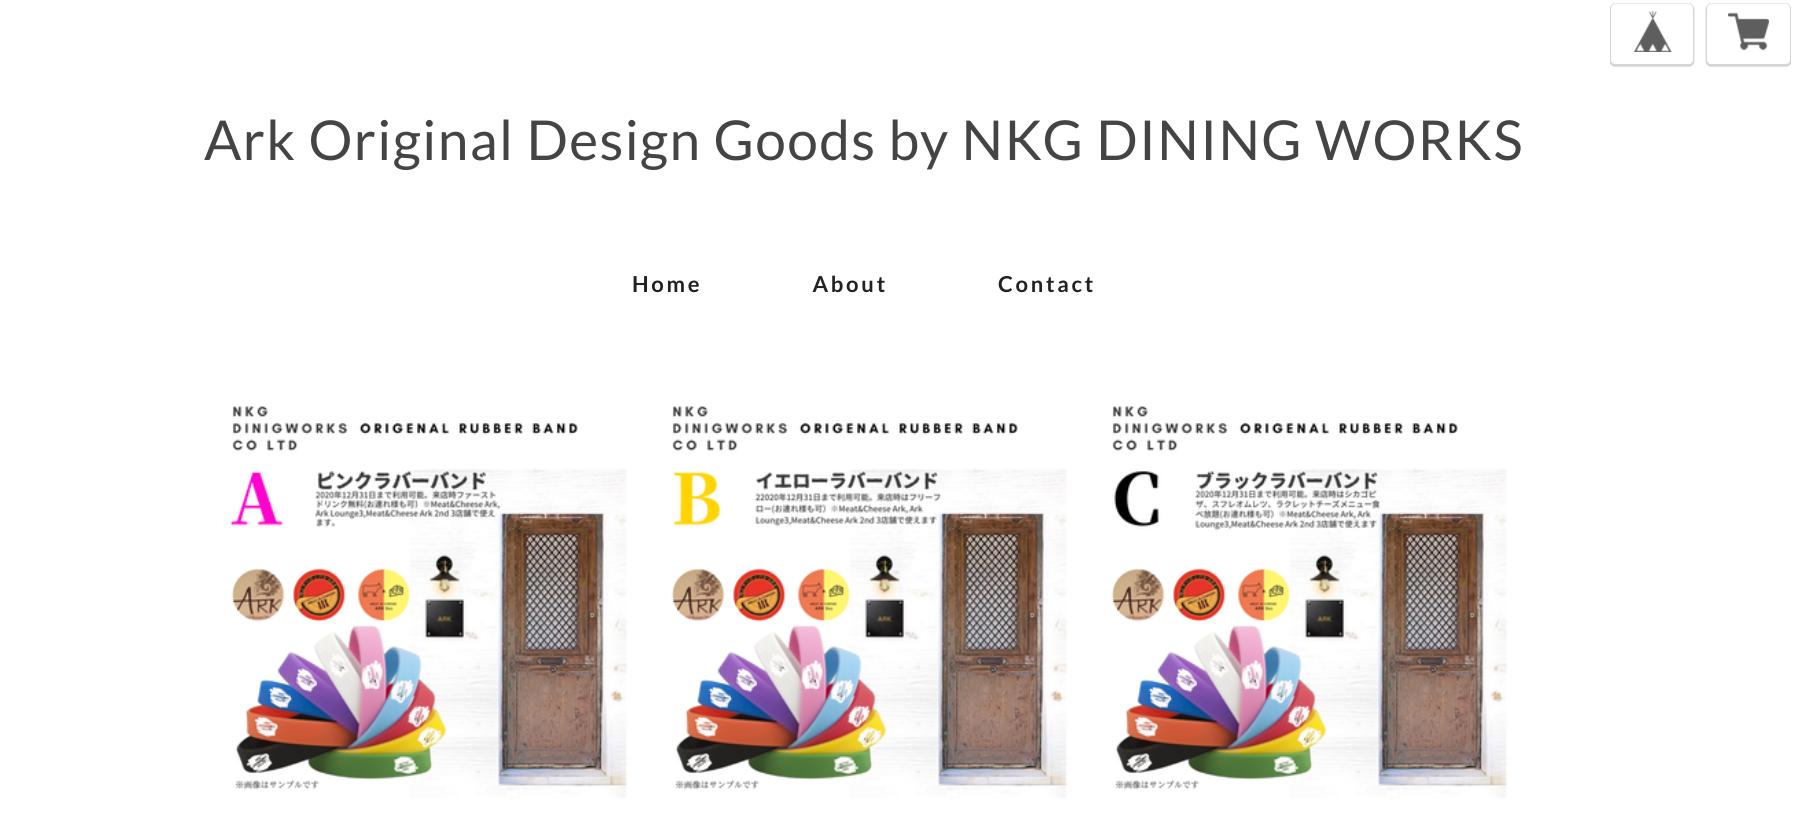 Ark Original Design Goods by NKG DINING WORKS